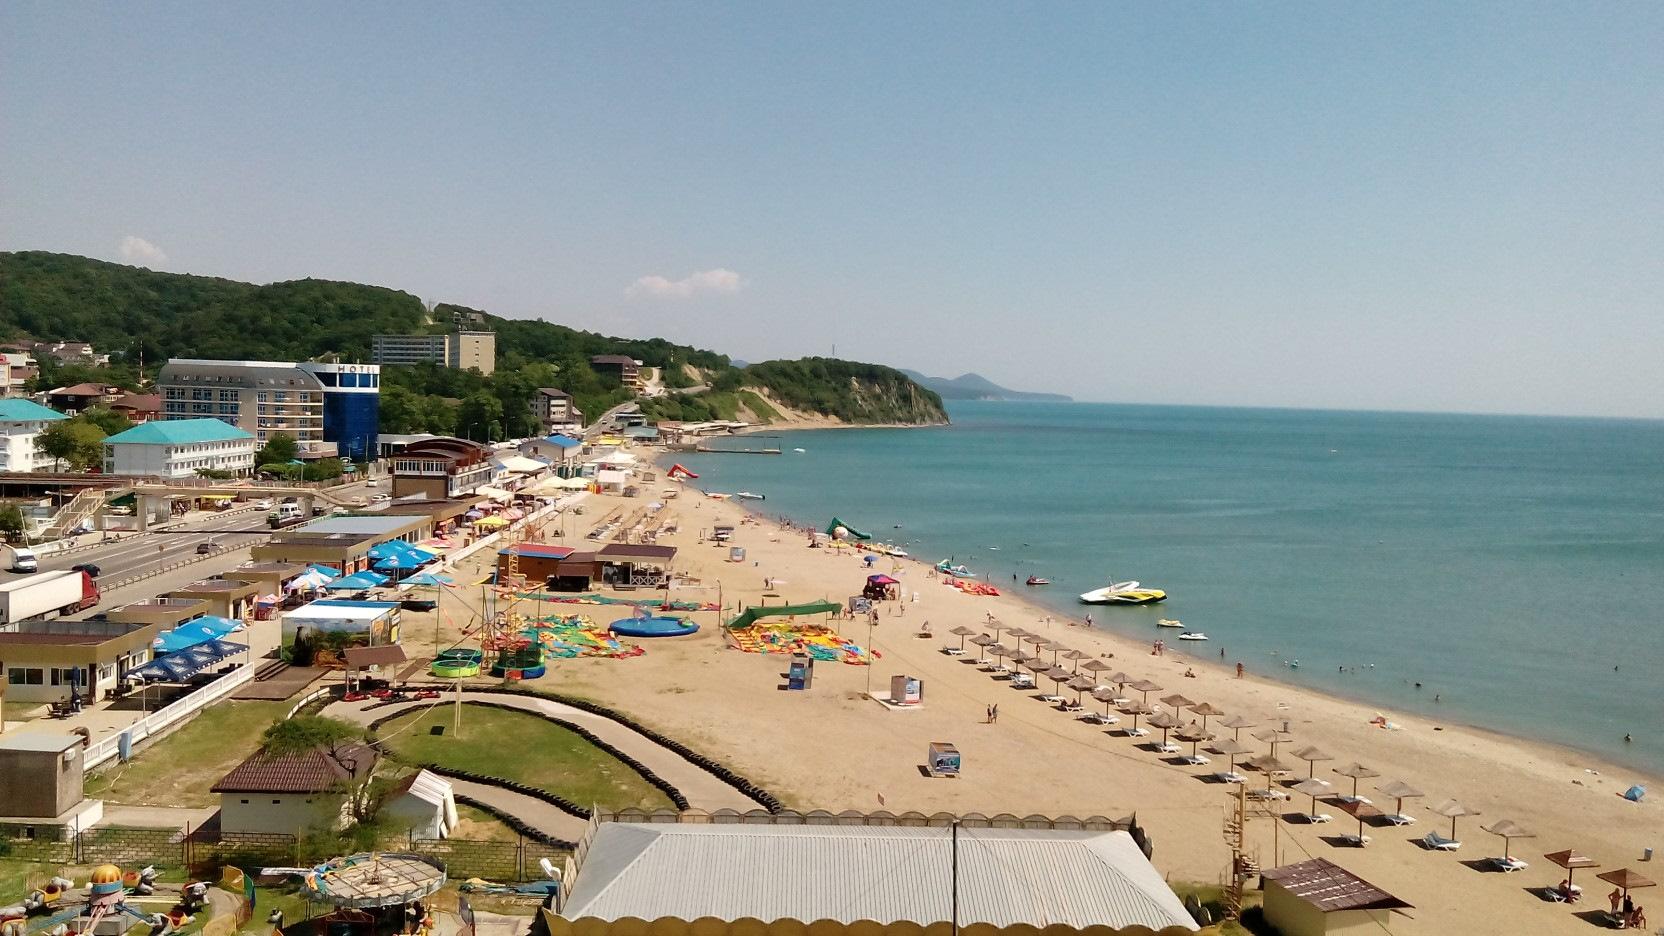 фотографии как лермонтово пляжи фото отзывы фото попали также